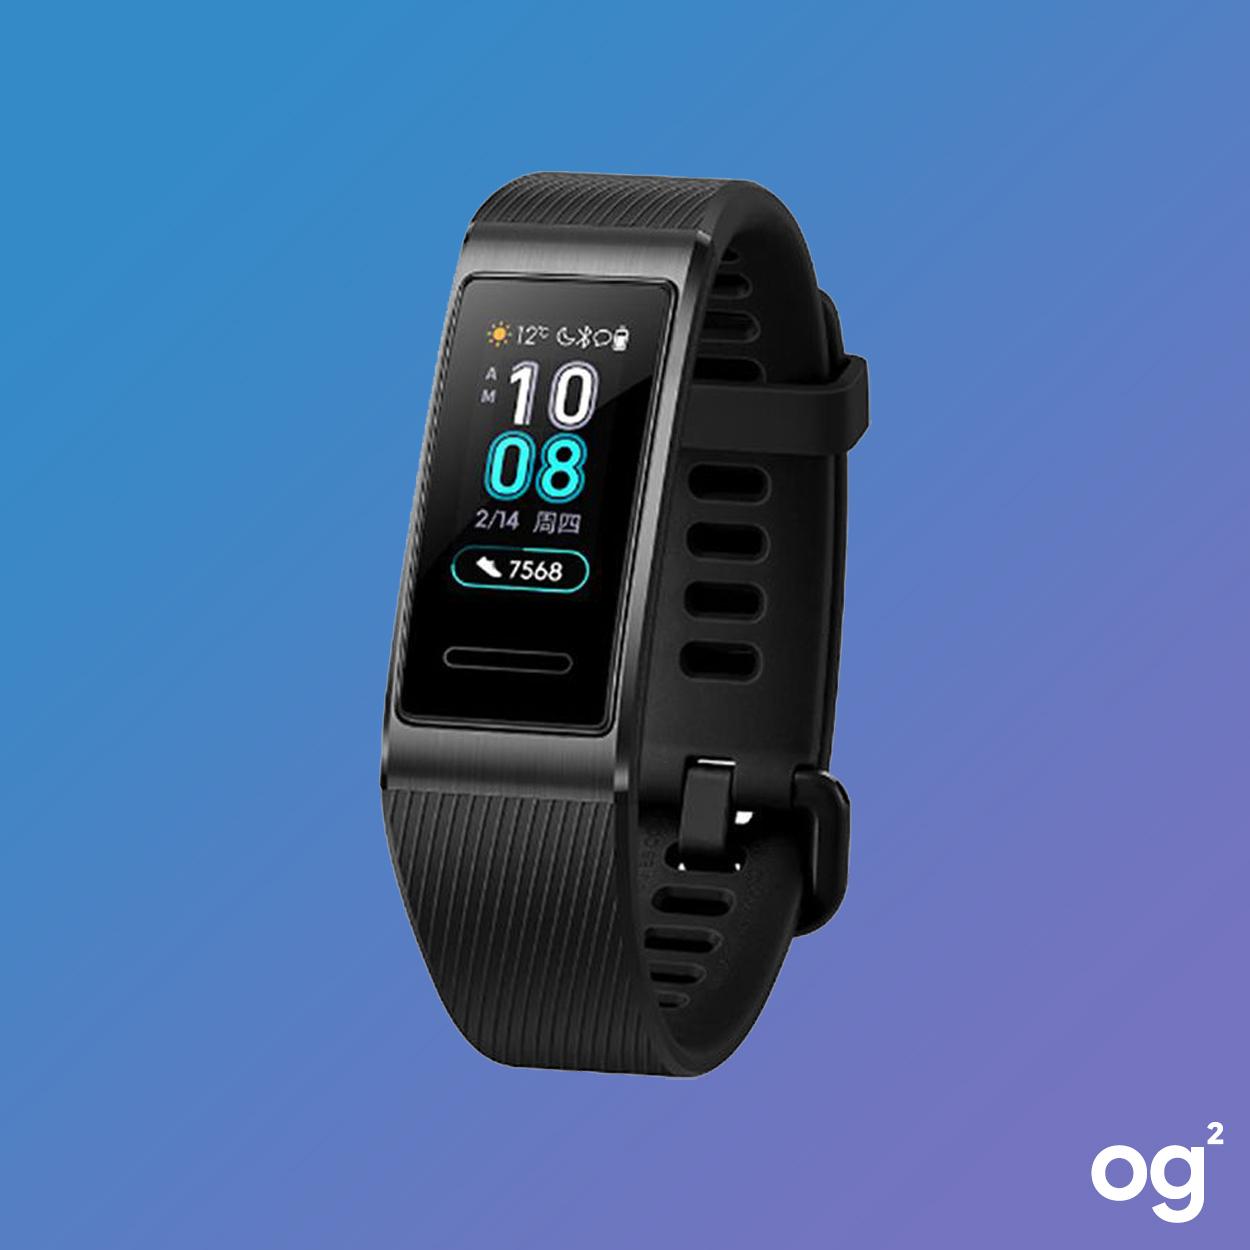 Huawei Band 3 Pro | GPS - farbiges AMOLED-Display - Herzfrequenzmesser - bis zu 5ATM wasserdicht | Schwarz und Blau